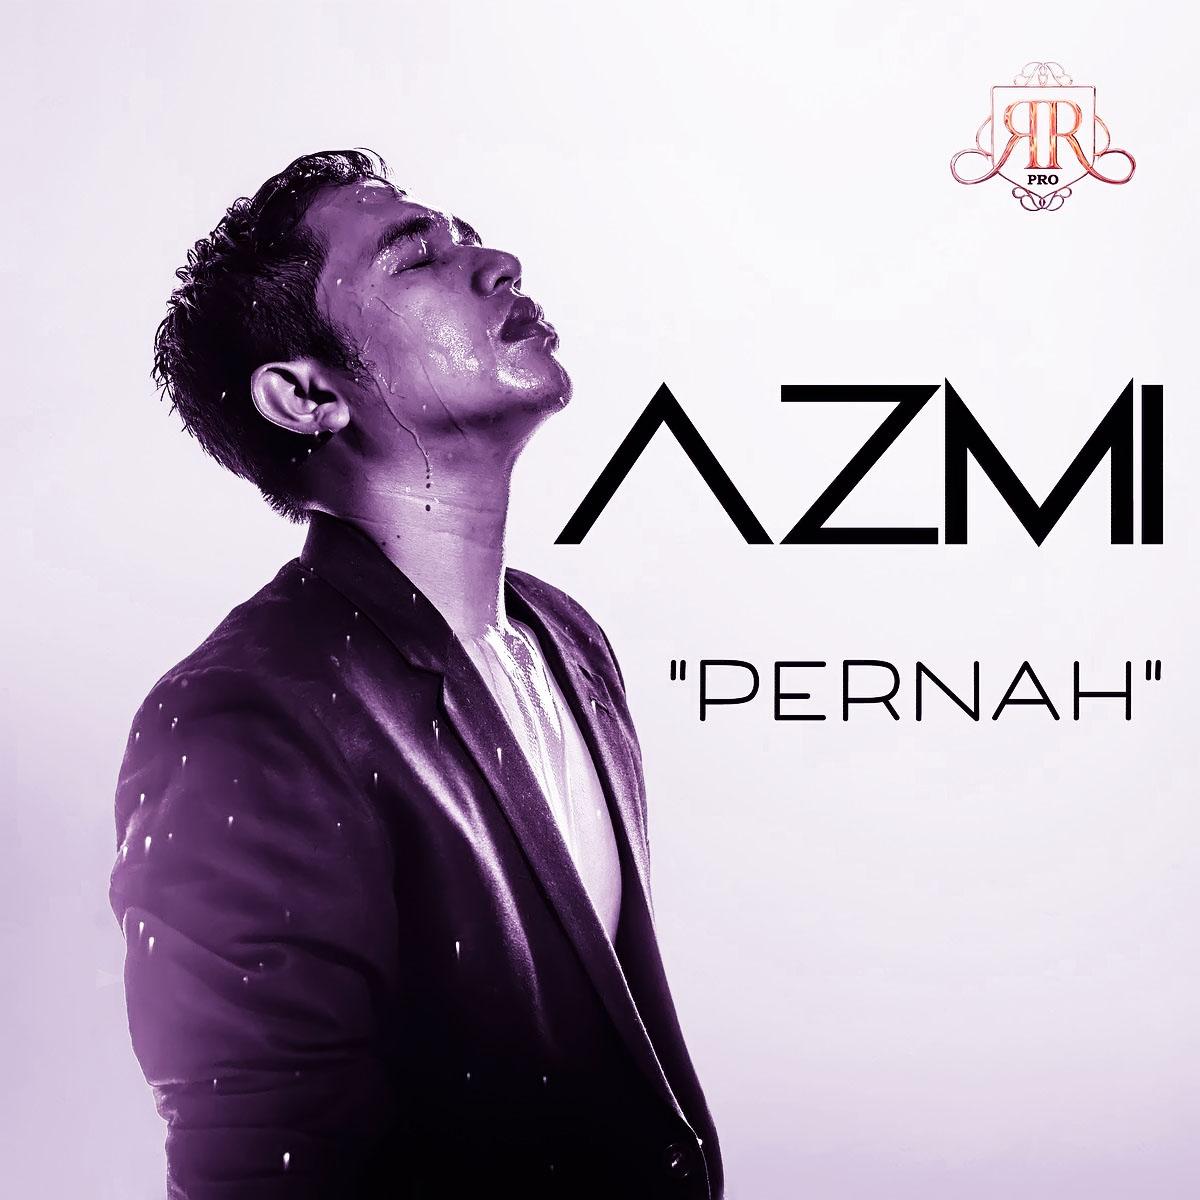 Lirik Lagu Pernah - Azmi dari album single malaysia populer 2018 chord kunci gitar, download album dan video mp3 terbaru 2018 gratis